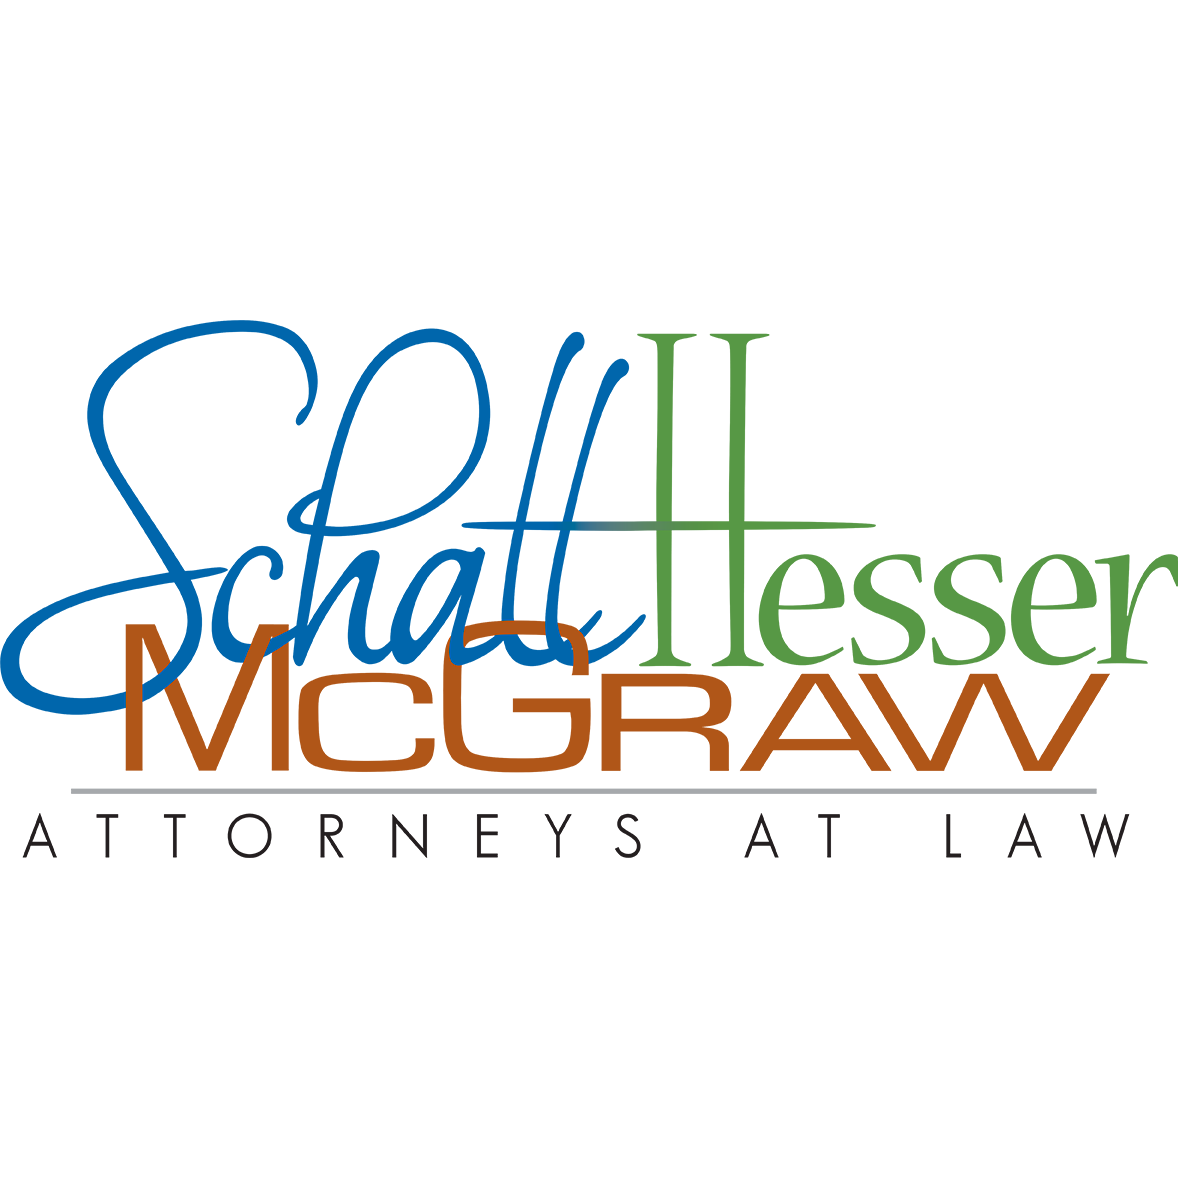 Schatt Hesser McGraw - Ocala, FL - Attorneys